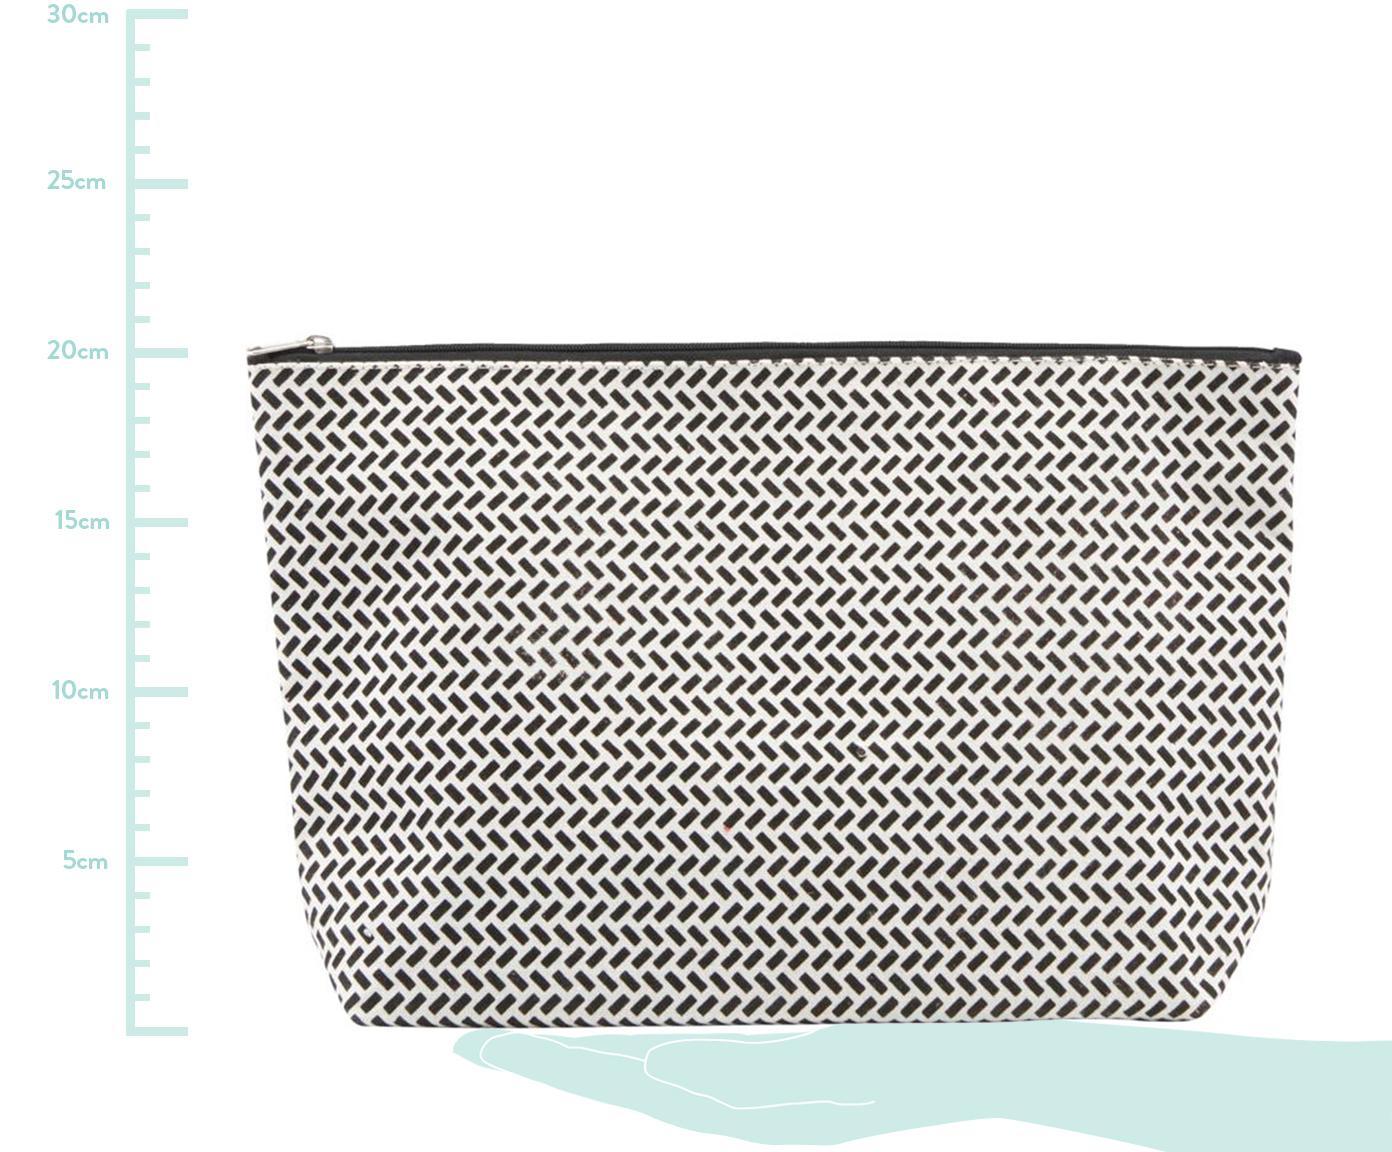 Kosmetiktasche Paran mit Reißverschluss, 38%Baumwolle, 40%Polyester, 22%Rayon, Schwarz, Weiß, 32 x 20 cm